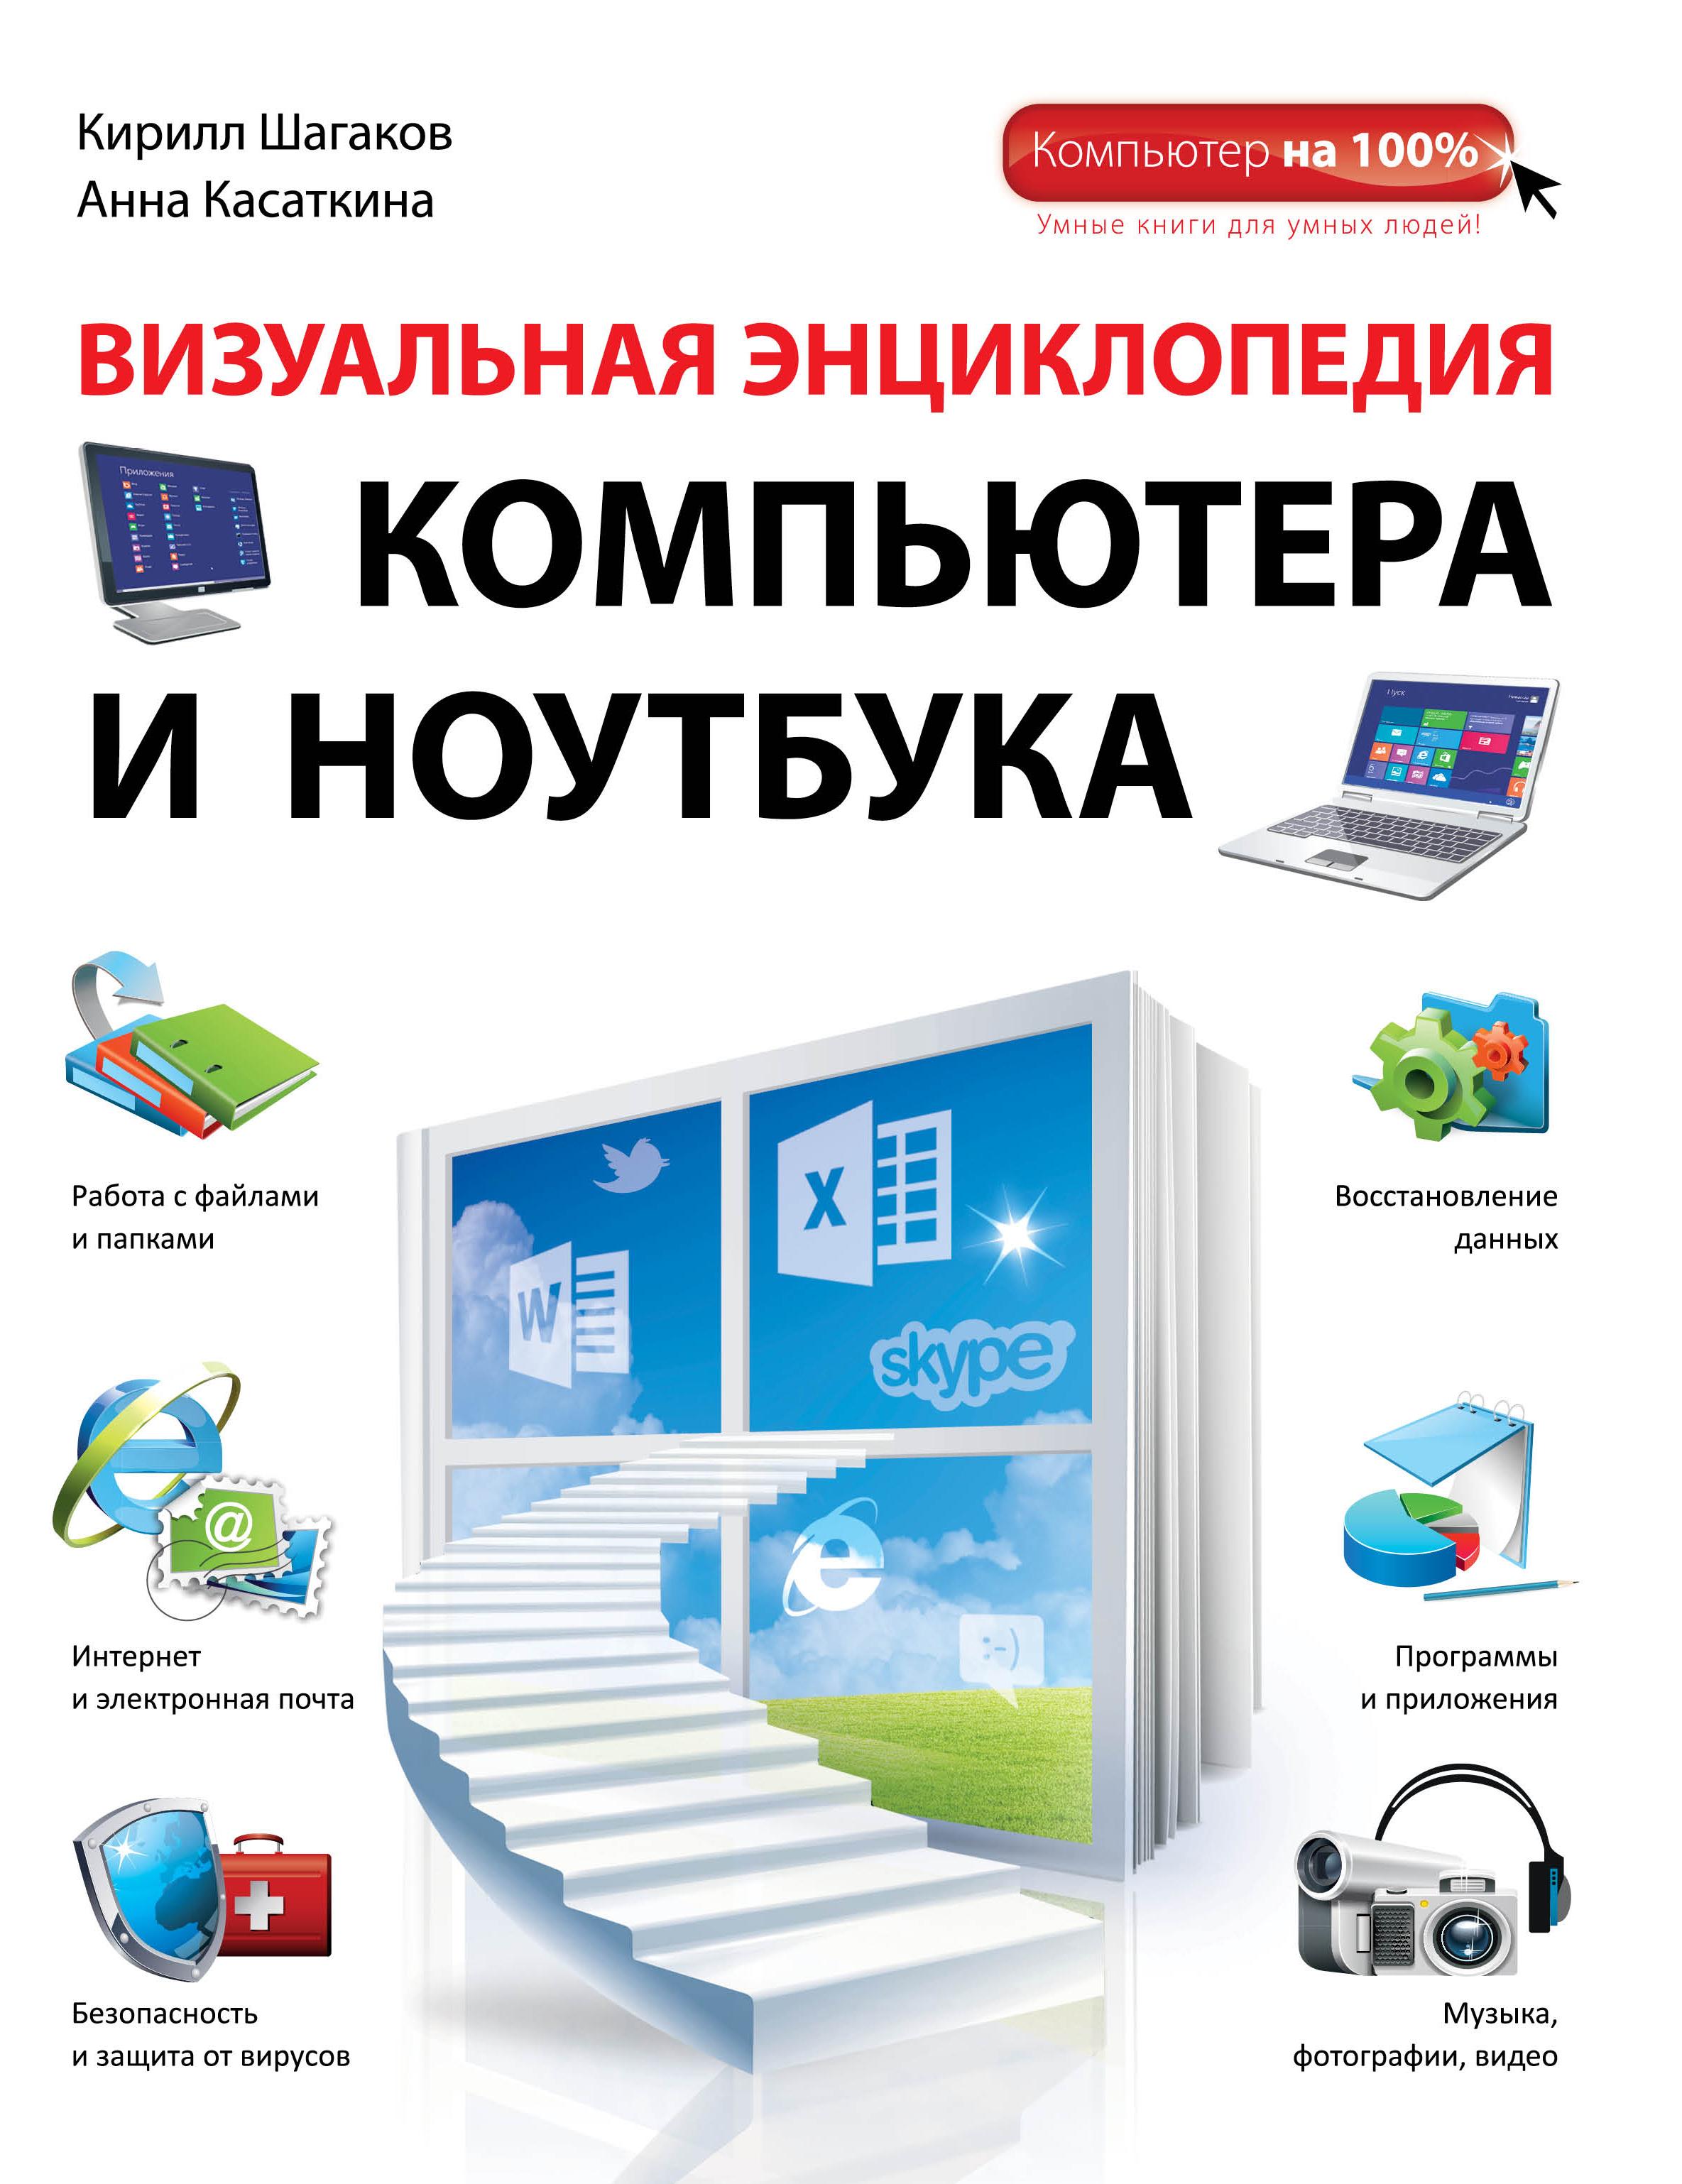 Визуальная энциклопедия компьютера и ноутбука от book24.ru